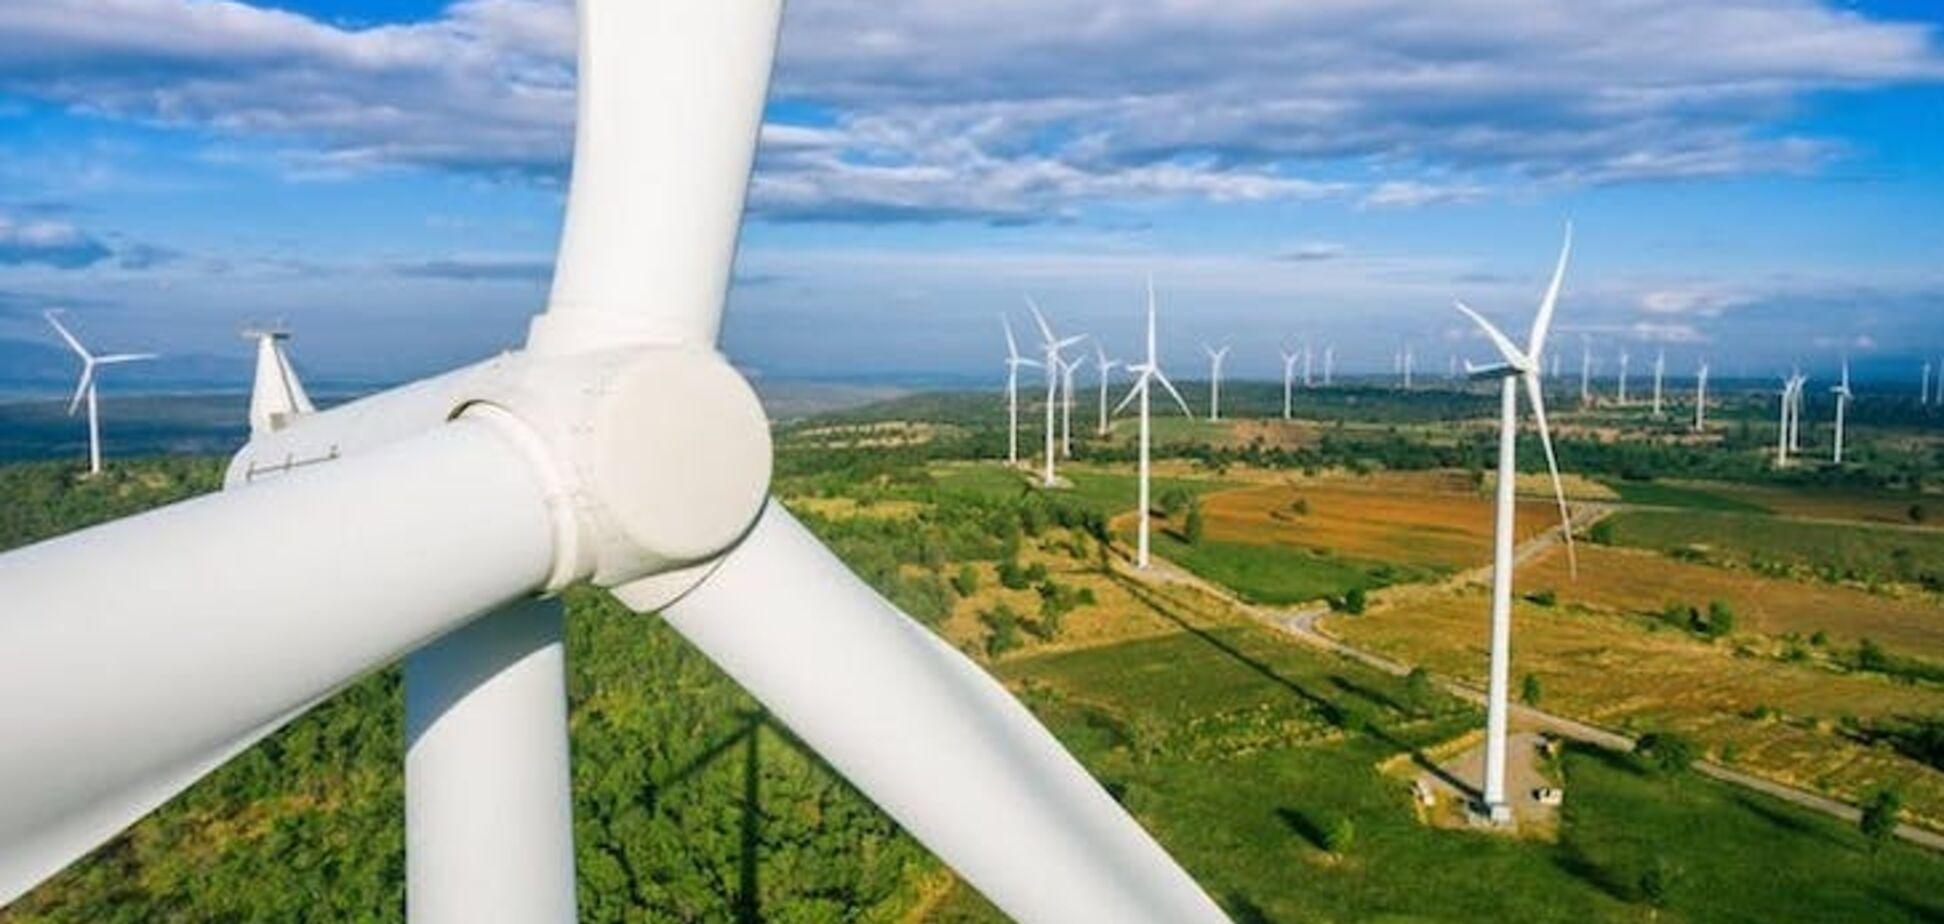 Искусственный интеллект поможет решить одну из главных проблем 'зеленой' энергетики